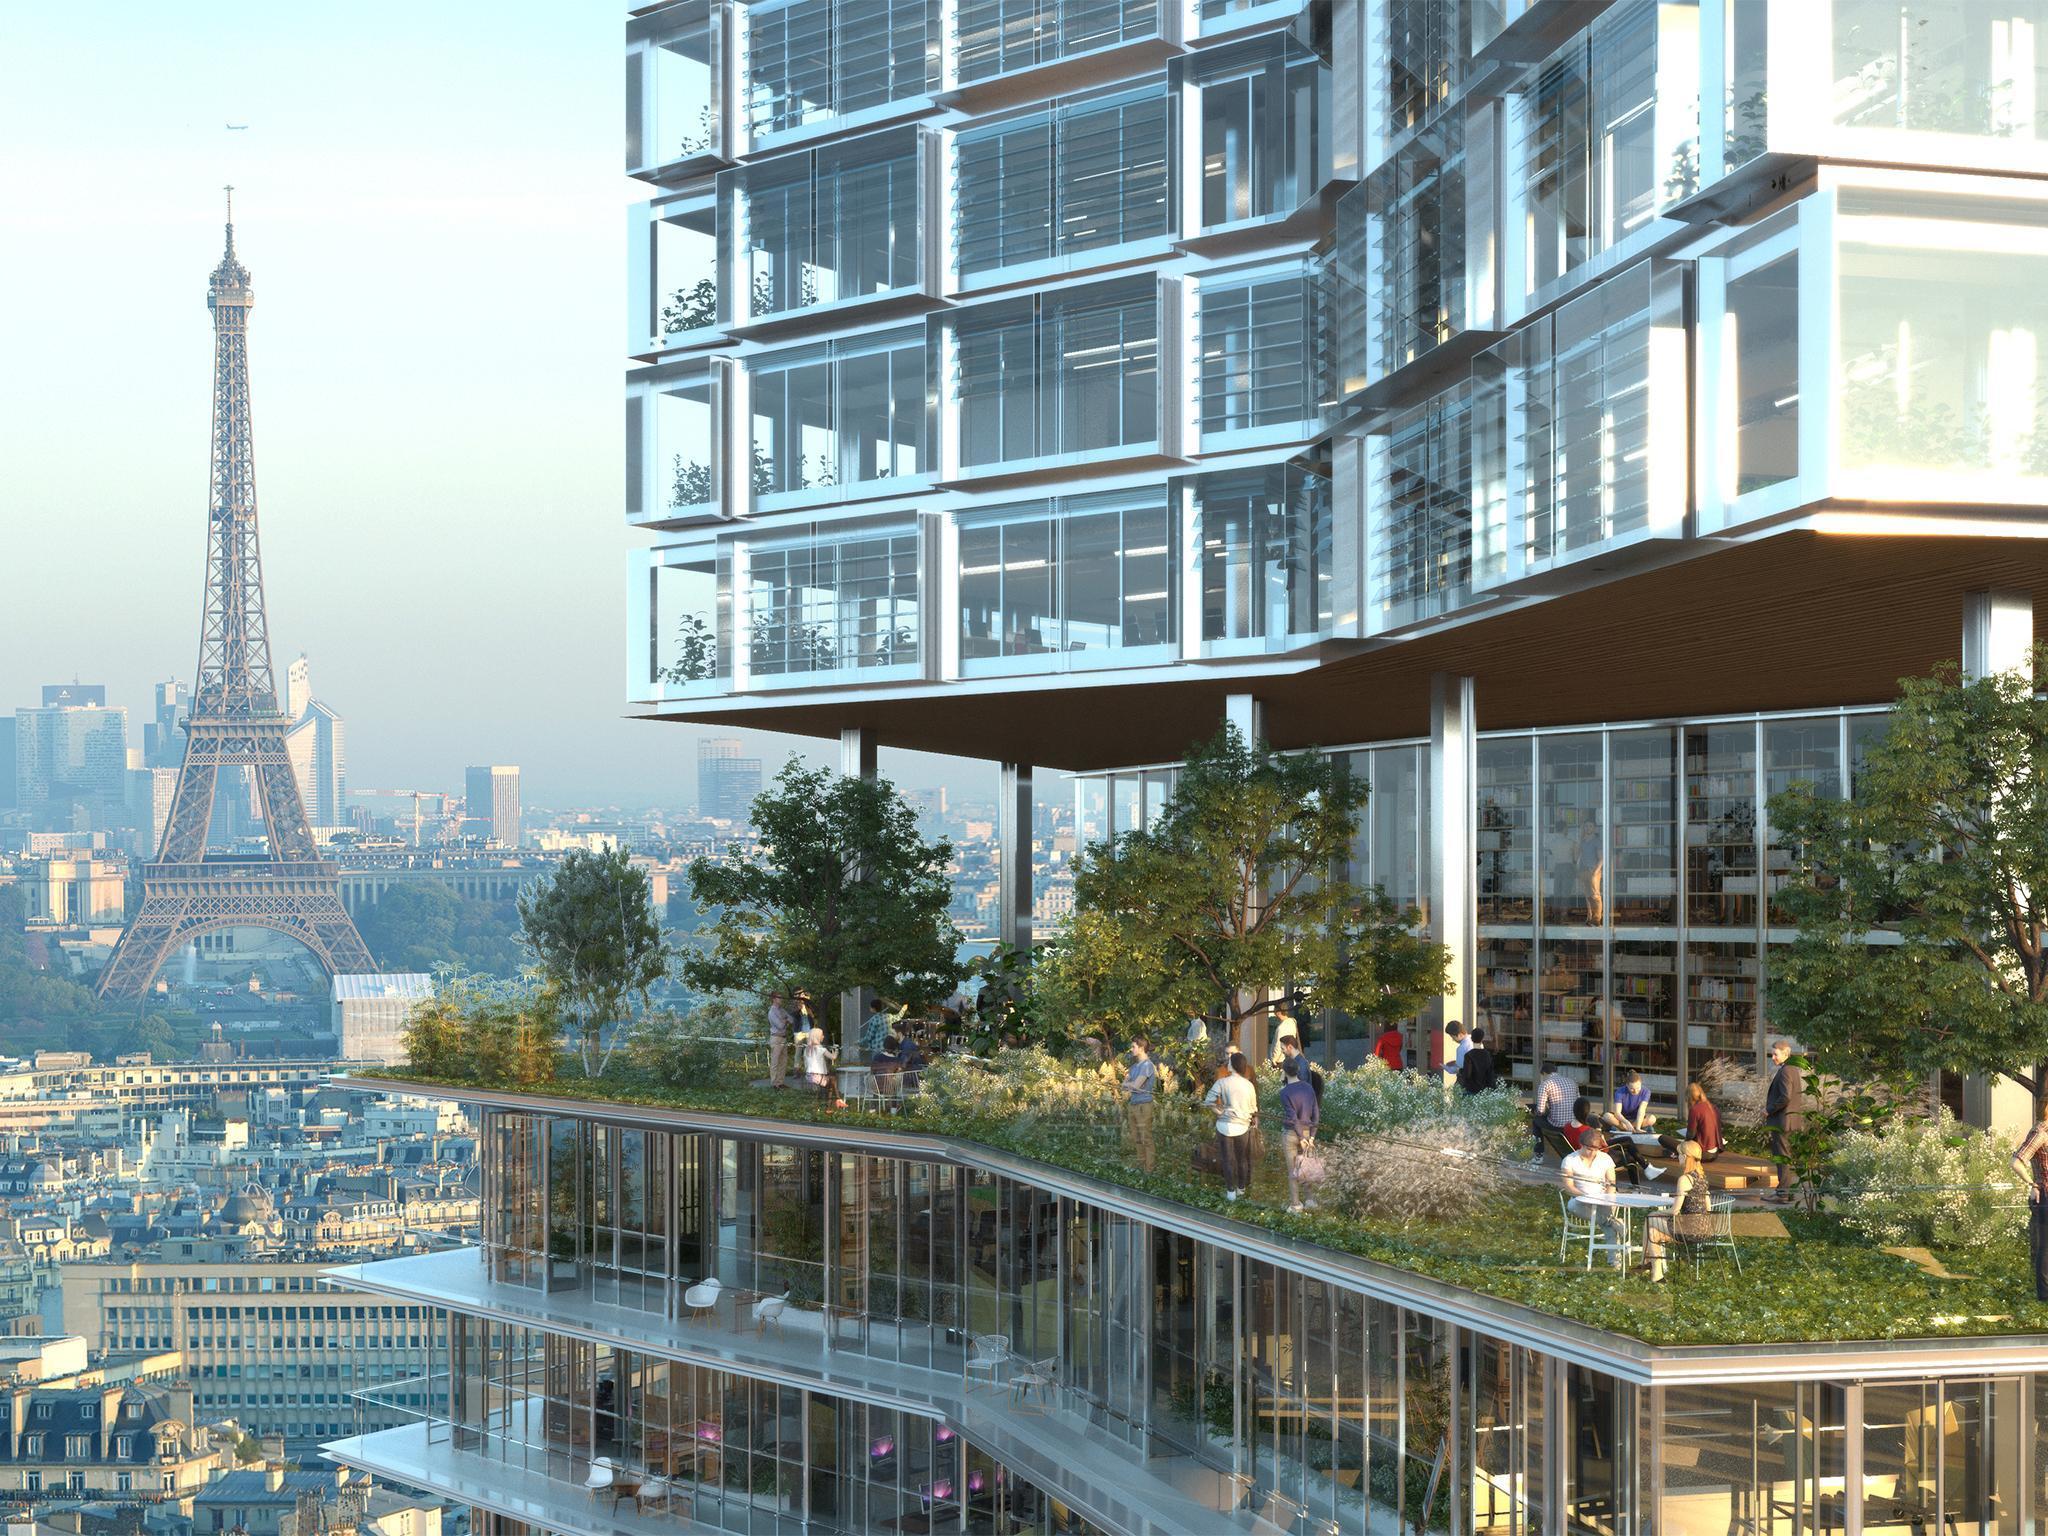 Paris Has Fallen In Love With Garden Skyscrapers But